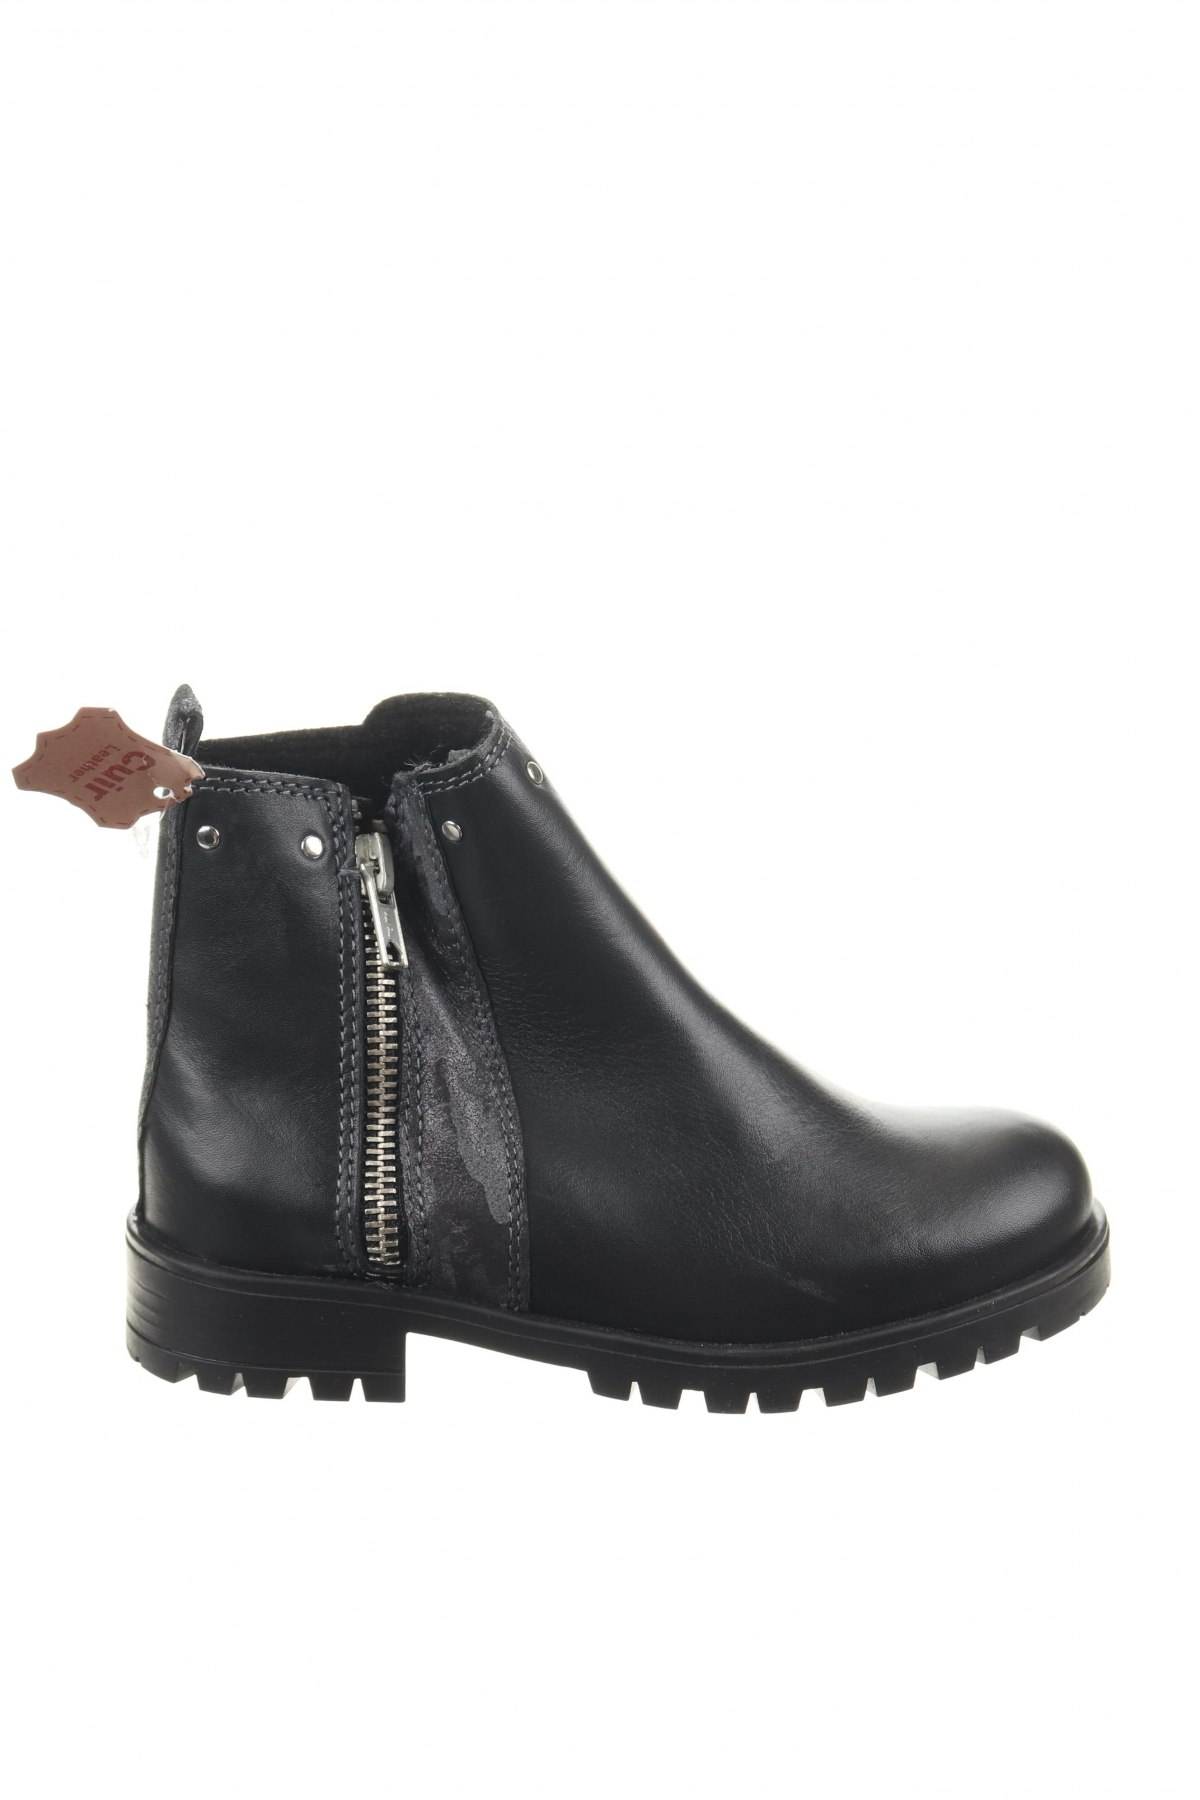 Παιδικά παπούτσια Saxo Blues, Μέγεθος 29, Χρώμα Μαύρο, Γνήσιο δέρμα, Τιμή 10,39€